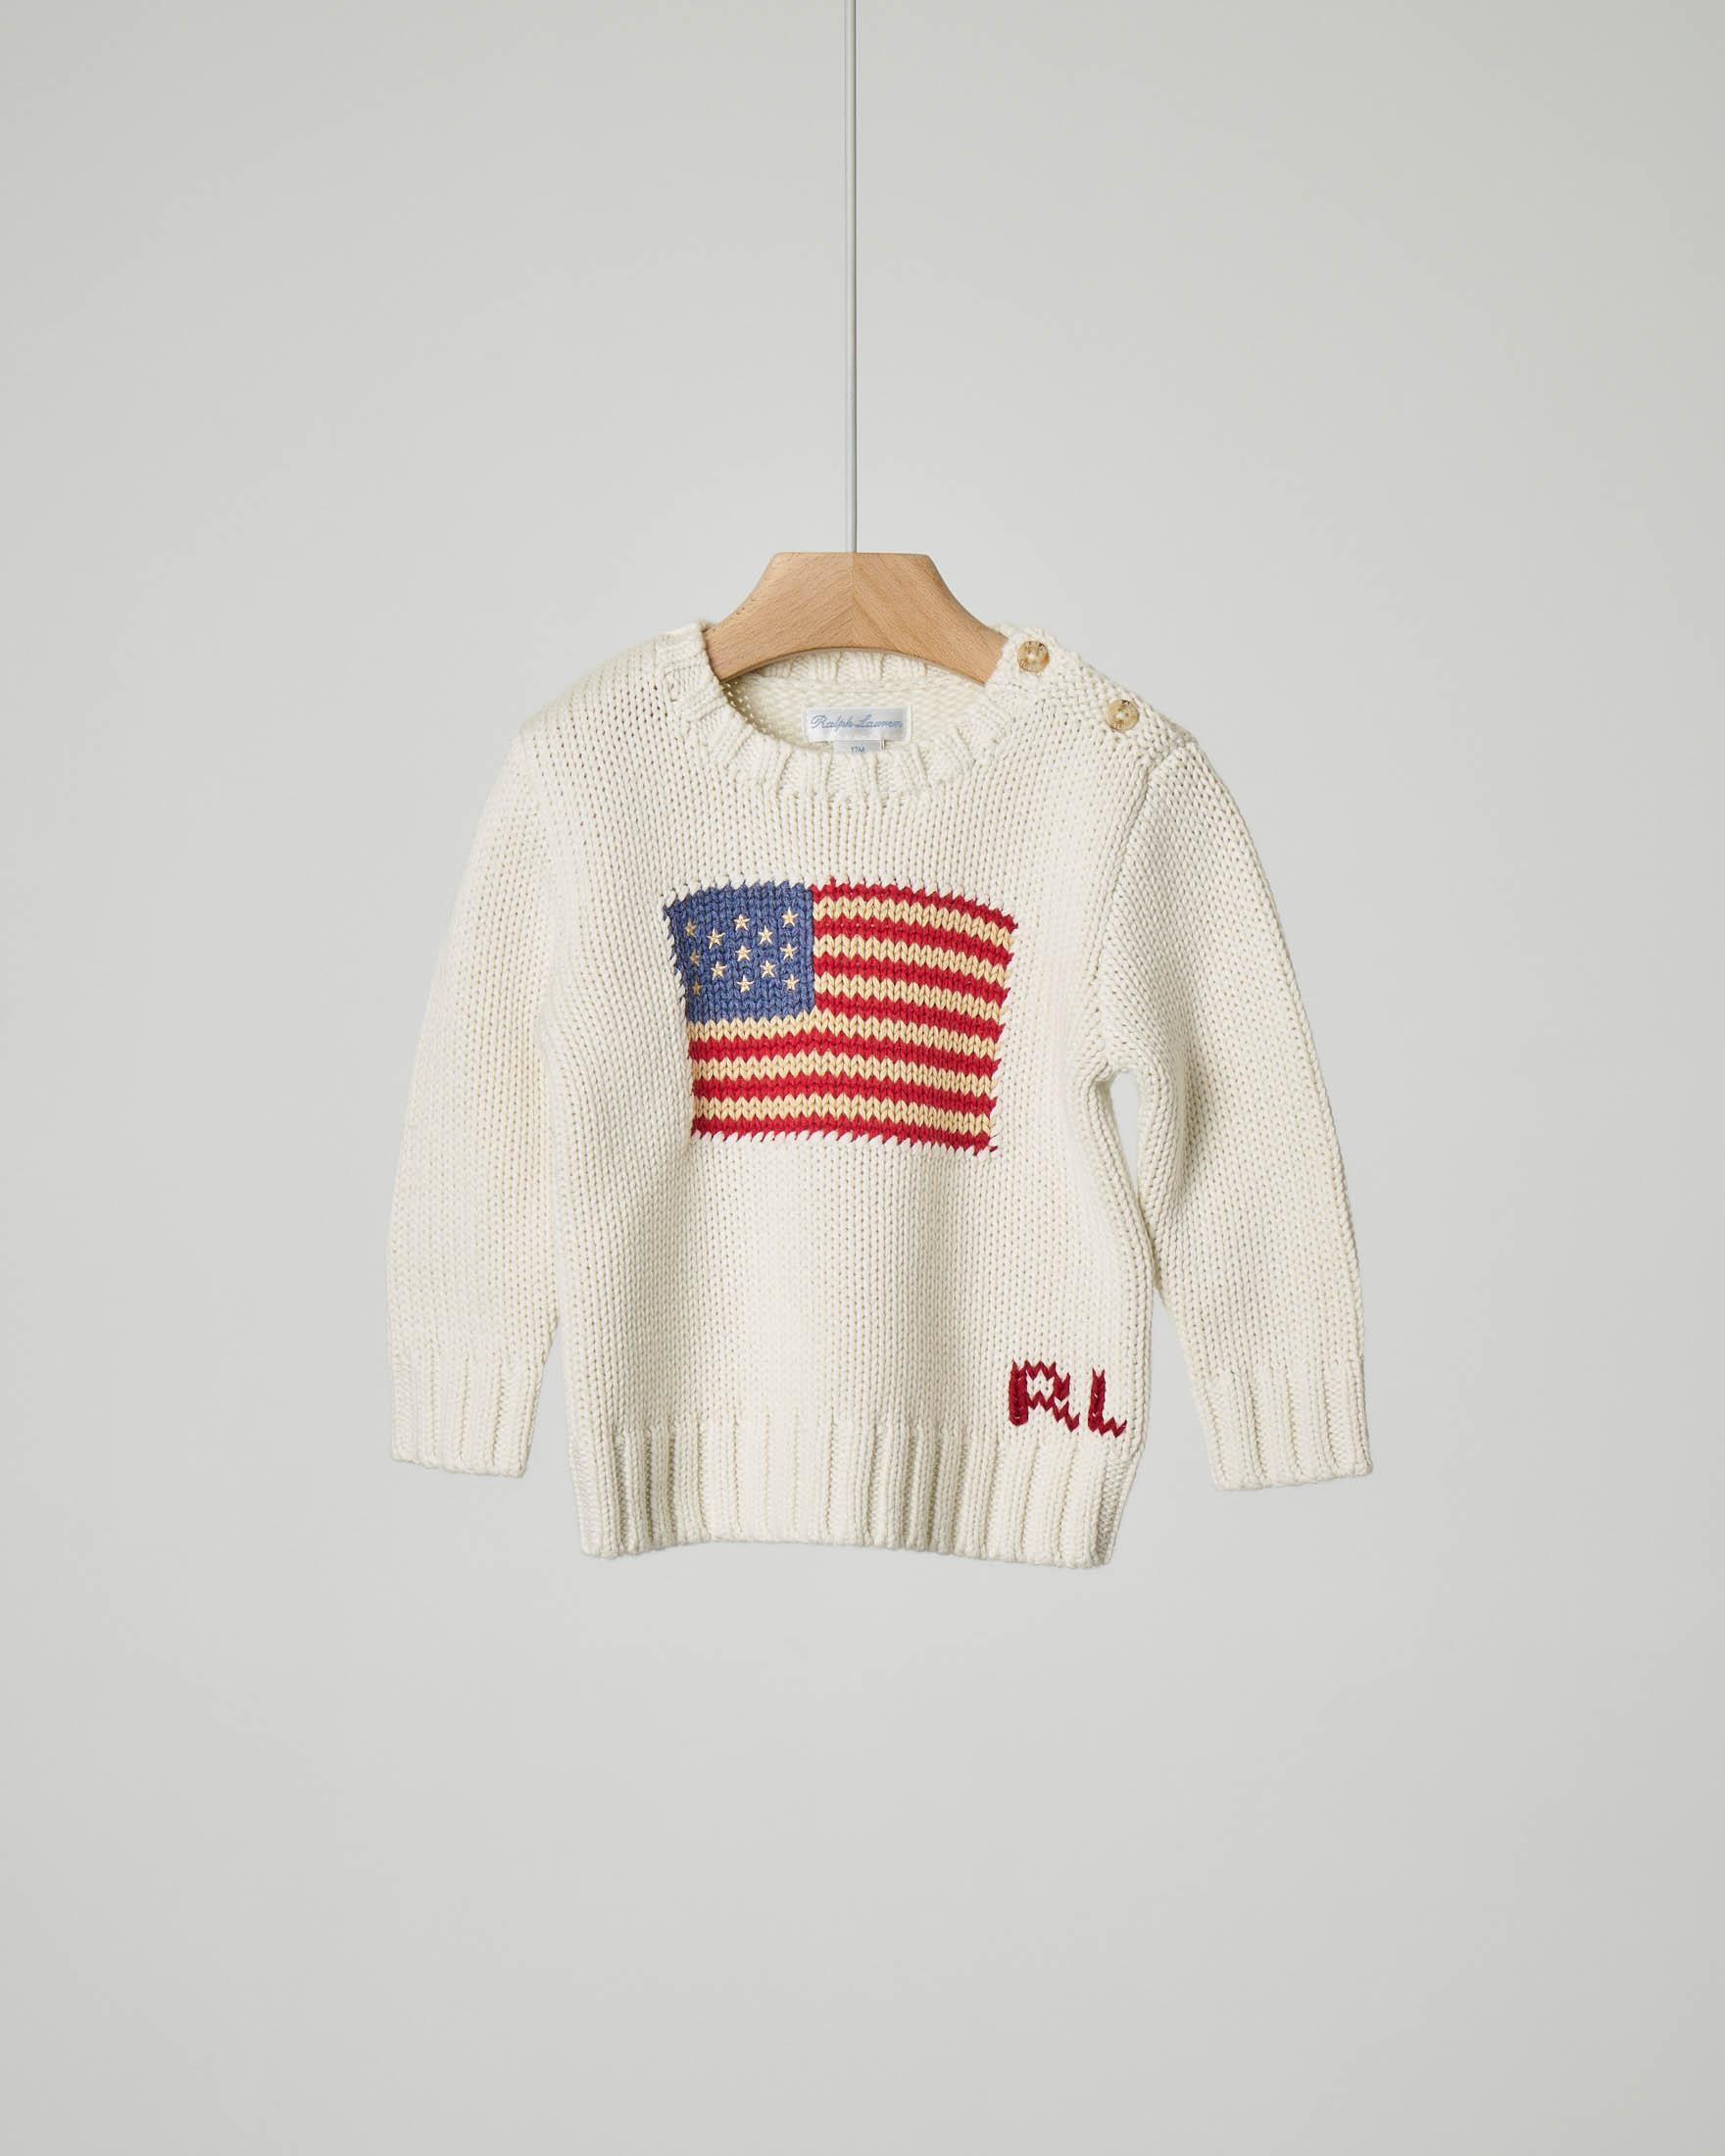 Maglia bianca con bandiera USA